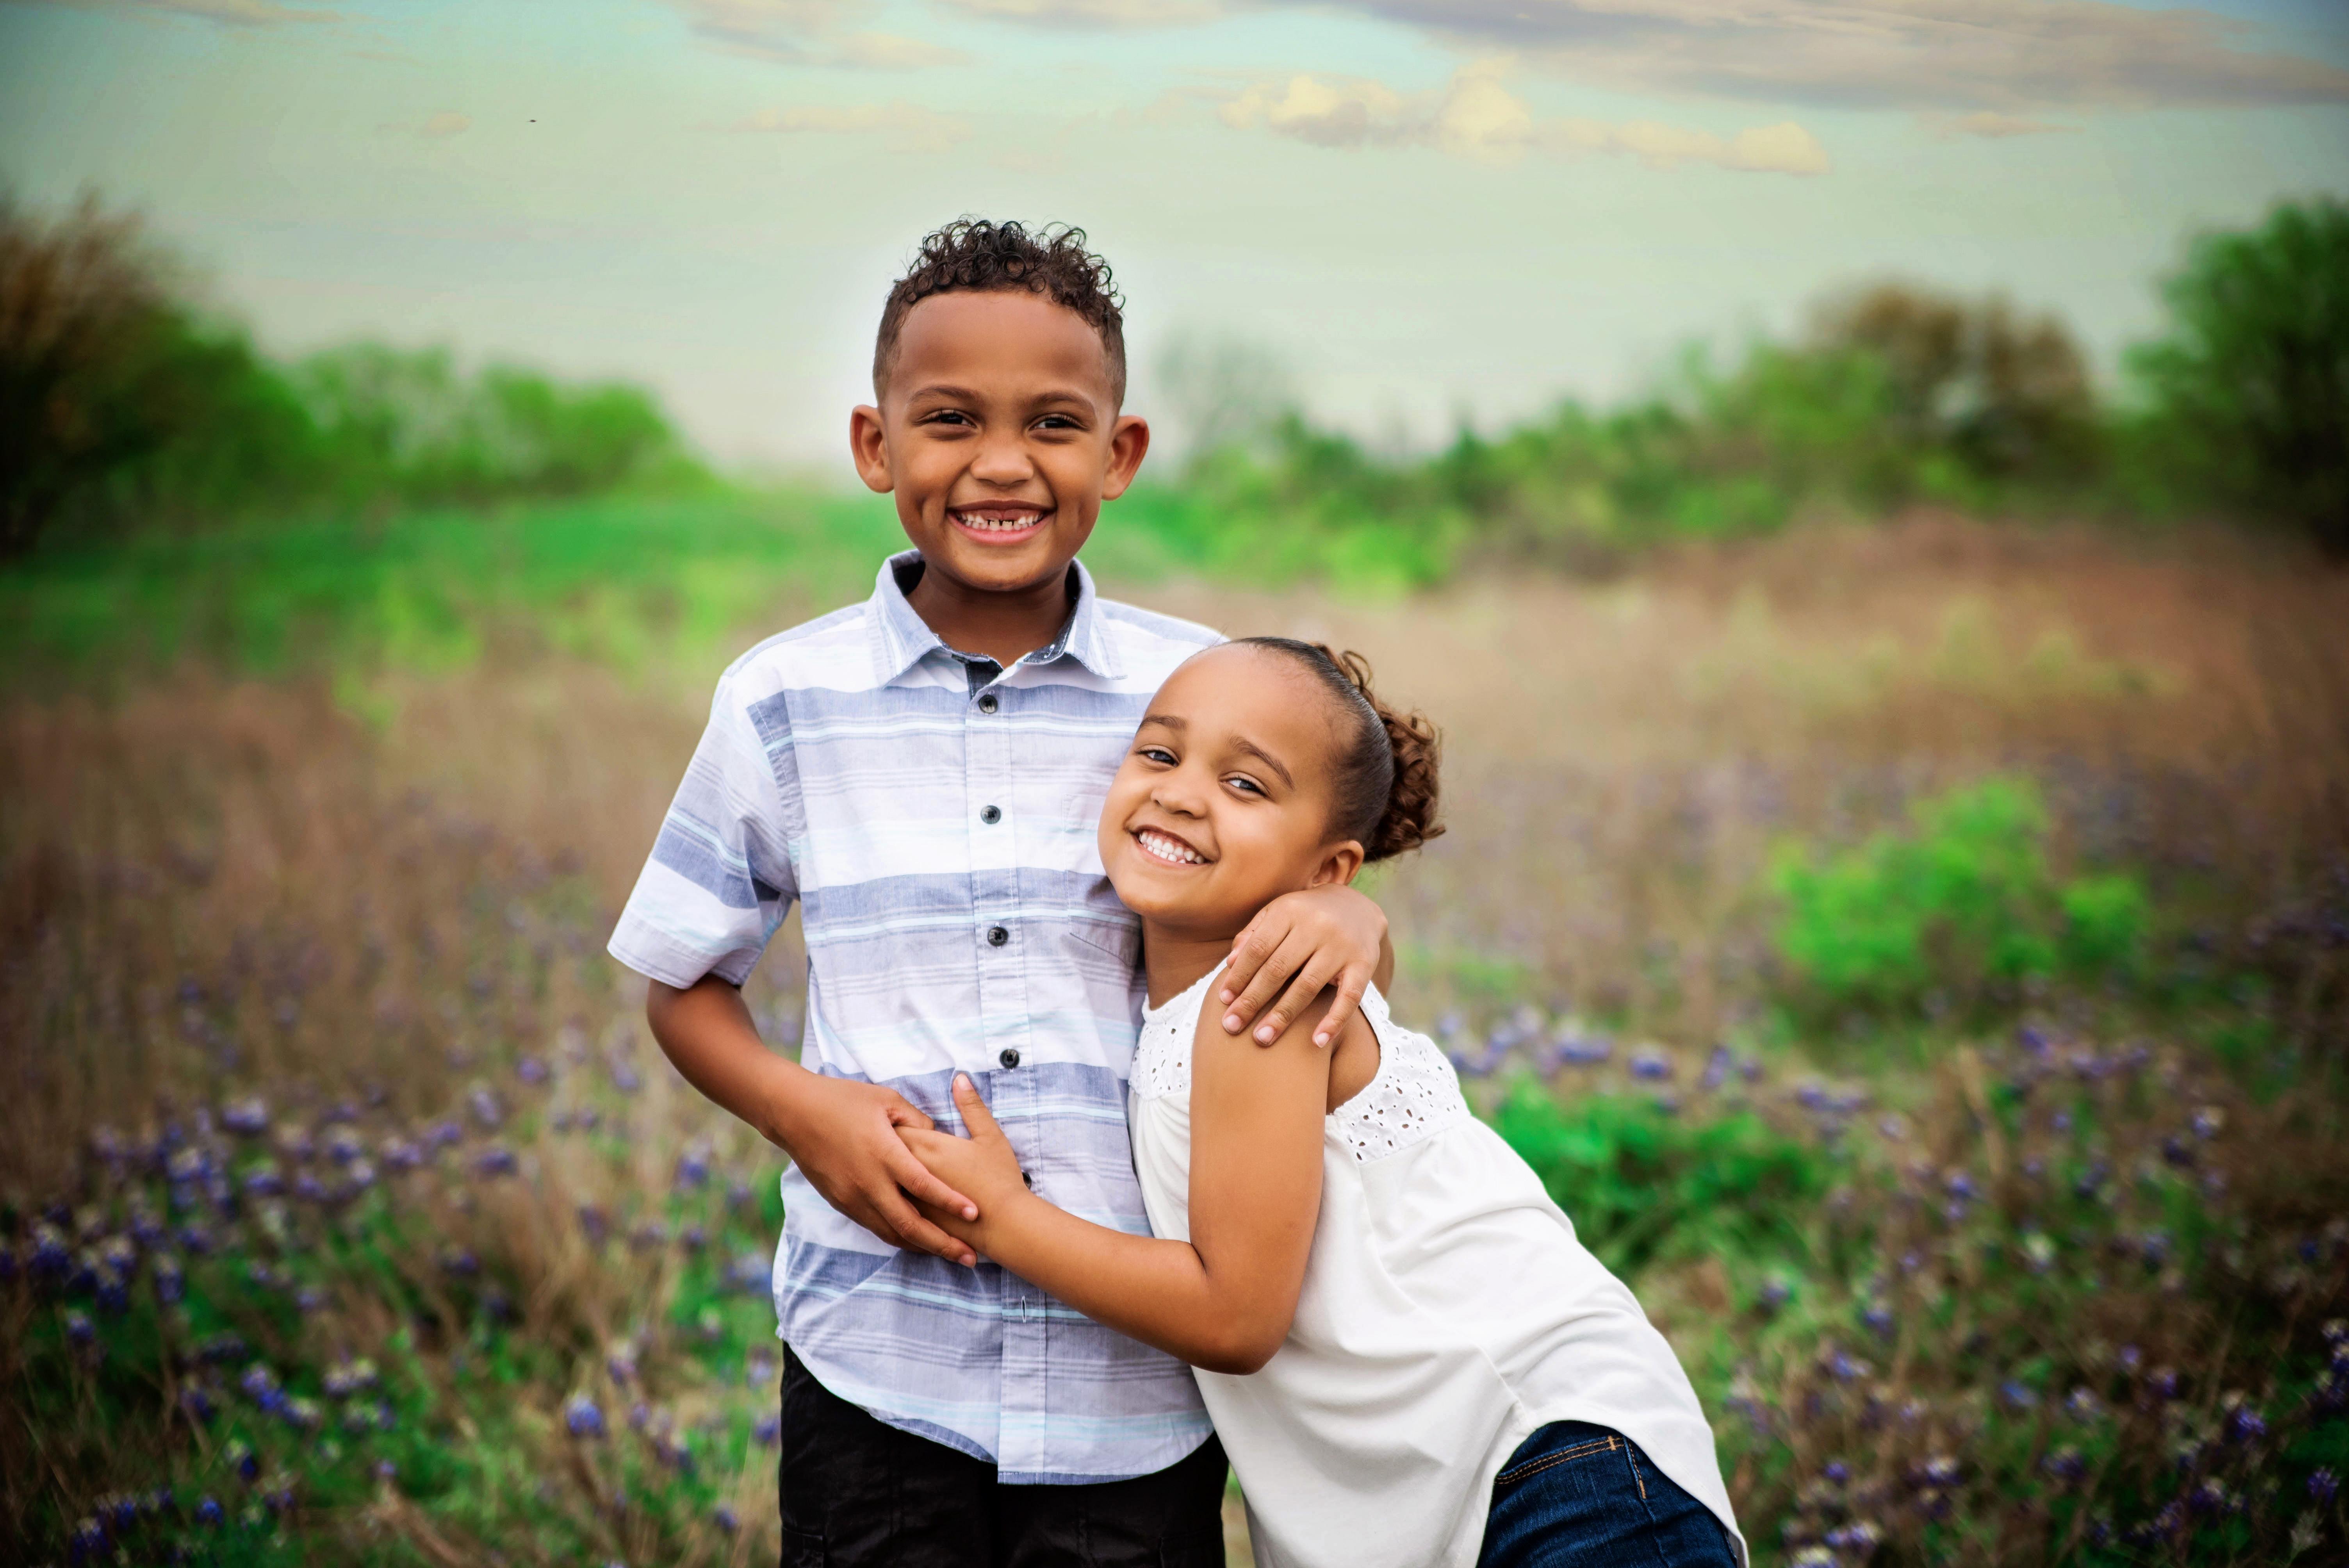 San Antonio Child Photographer